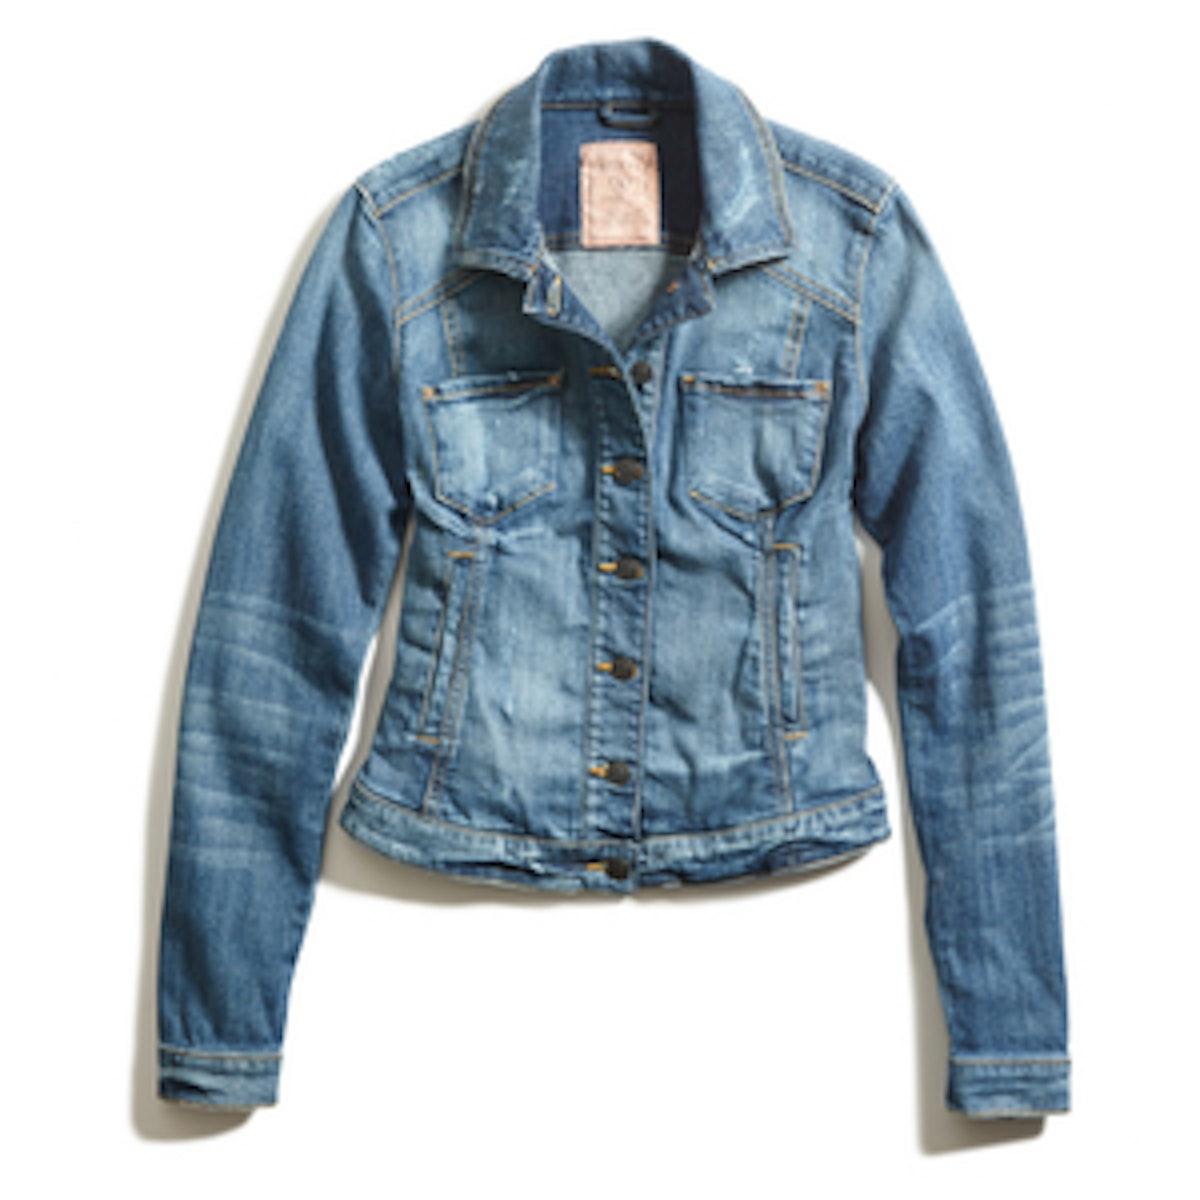 Tailored Denim Jacket in Bastillo Destroy Wash